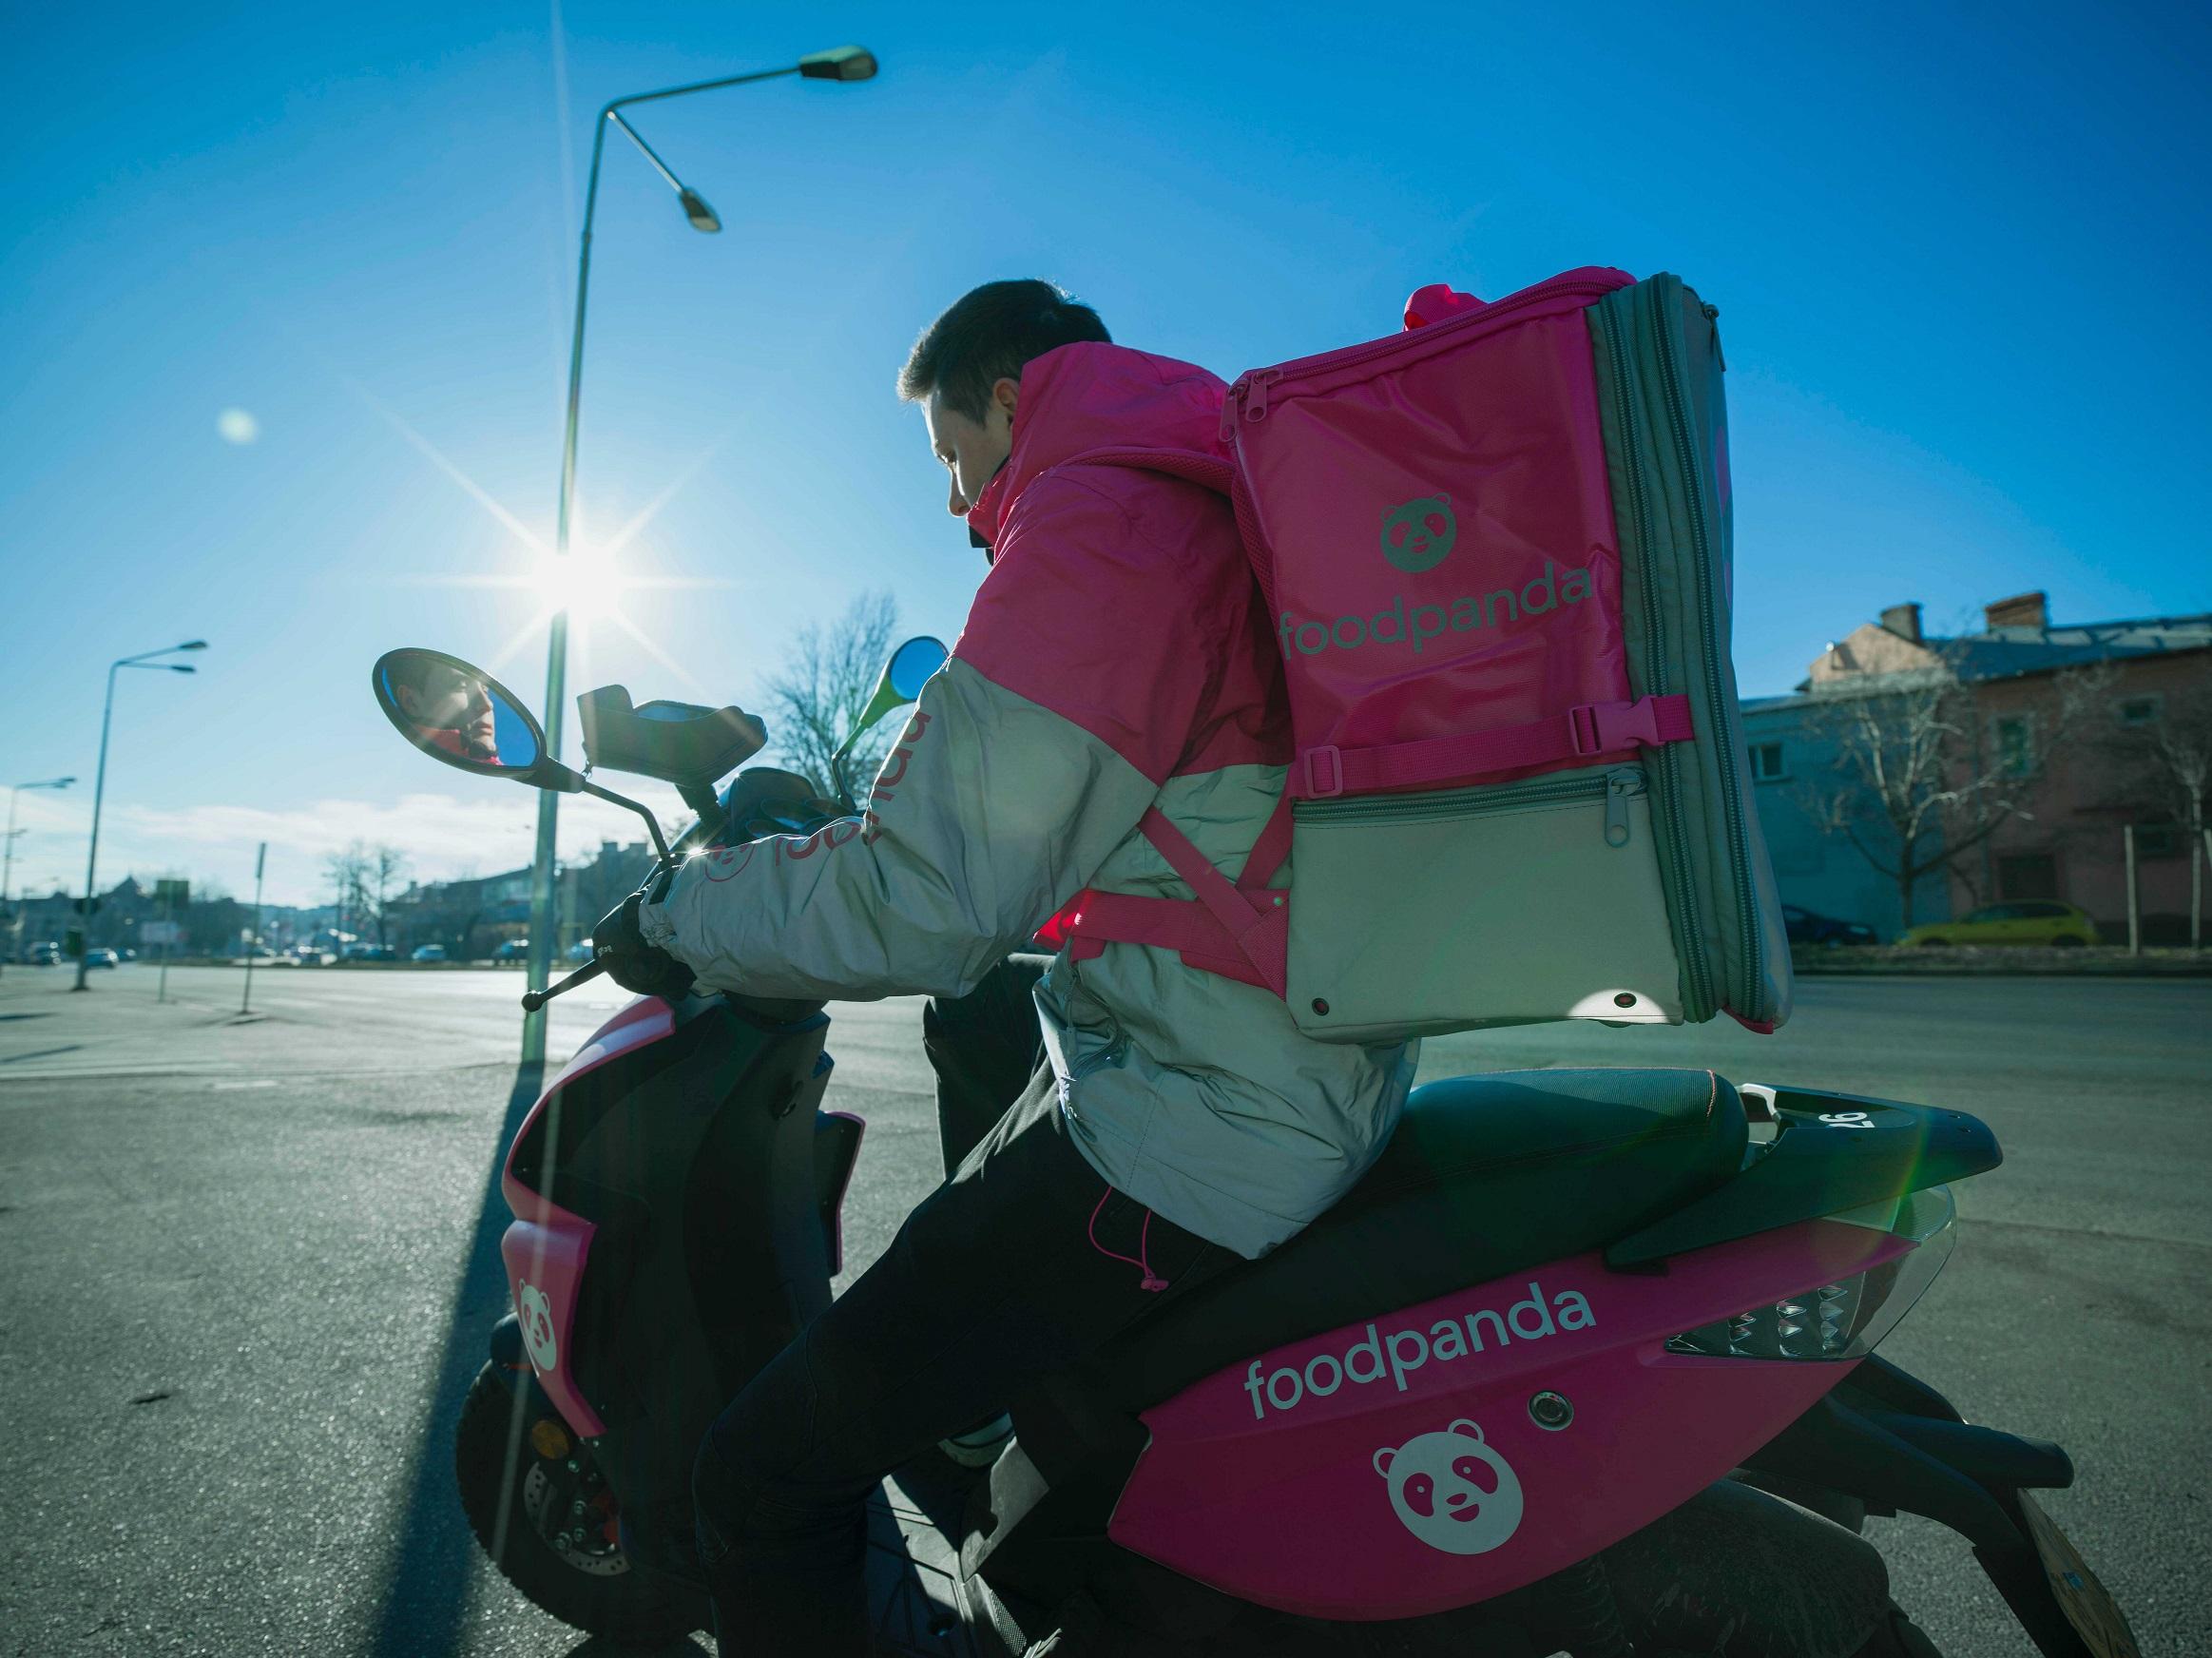 foodpanda România va opera în 38 de orașe până la finalul anului